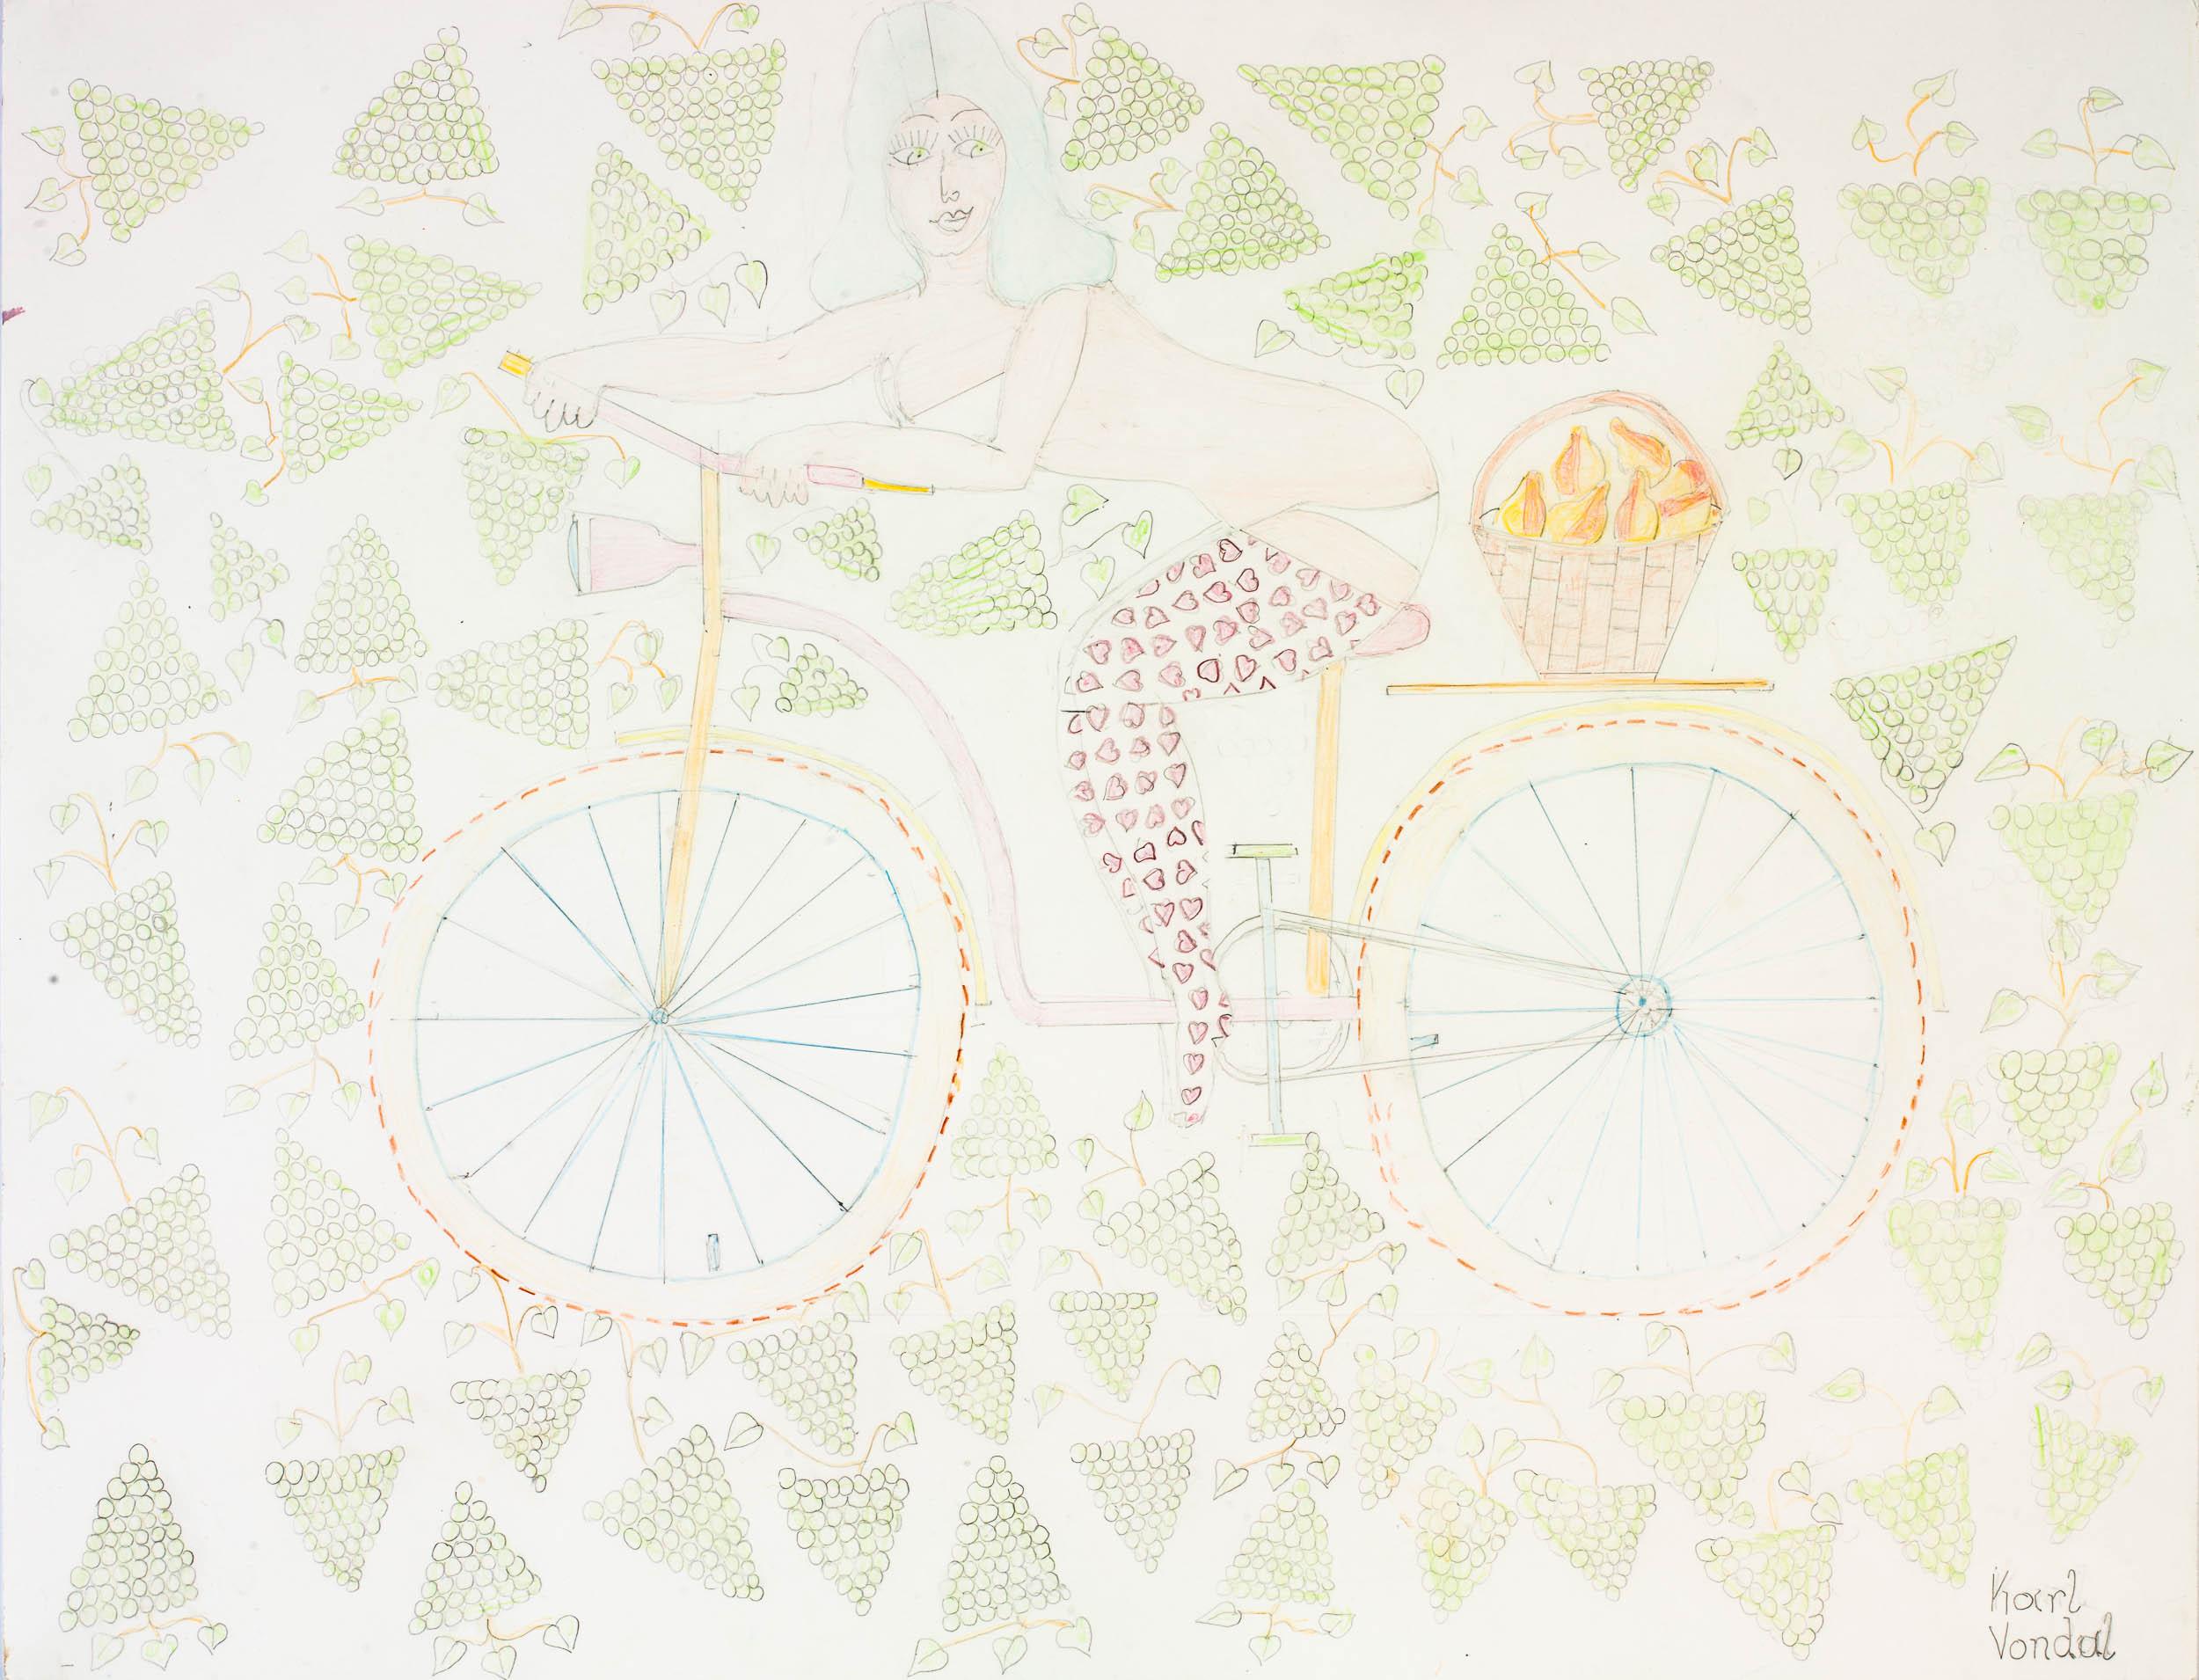 vondal karl - das Fahrradbild mit Anna /  the bicycle image with Anna